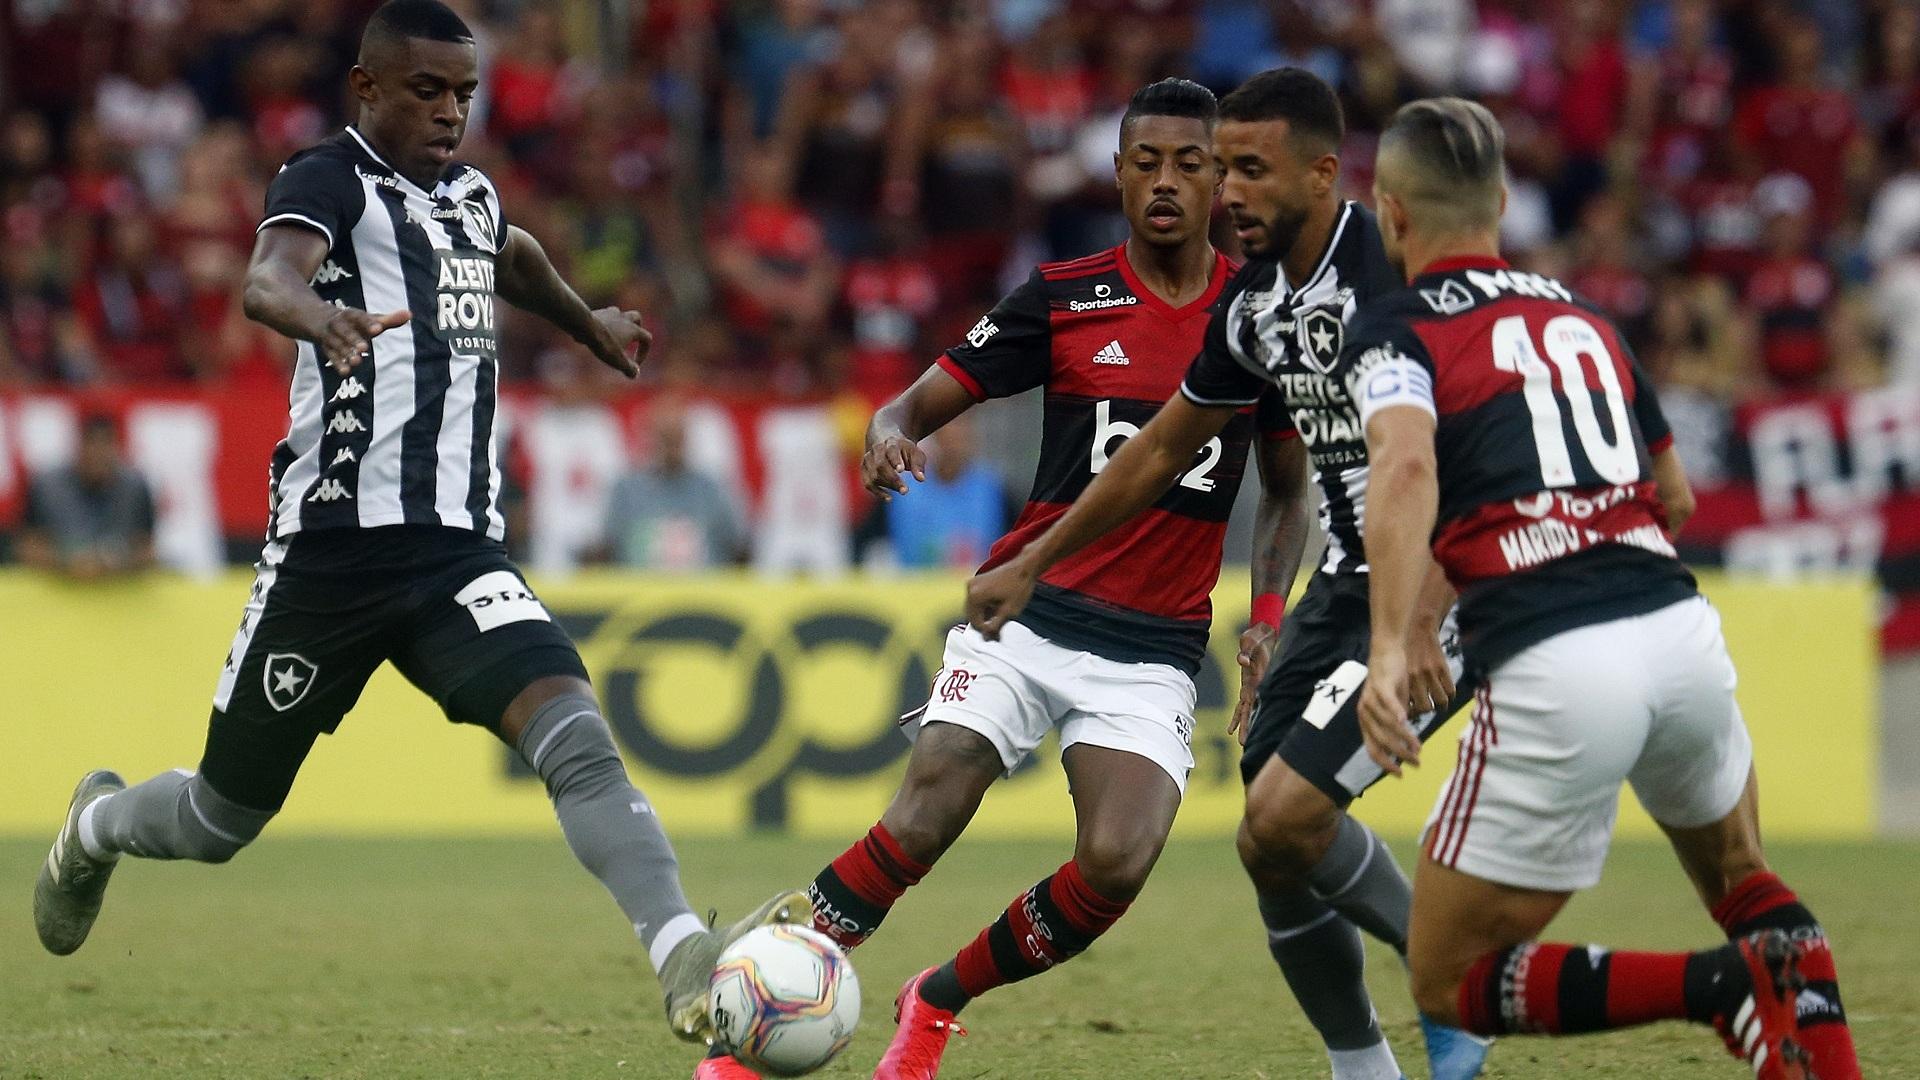 Flamengo X Botafogo Quem Venceu Mais Vezes O Classico Da Rivalidade Goal Com